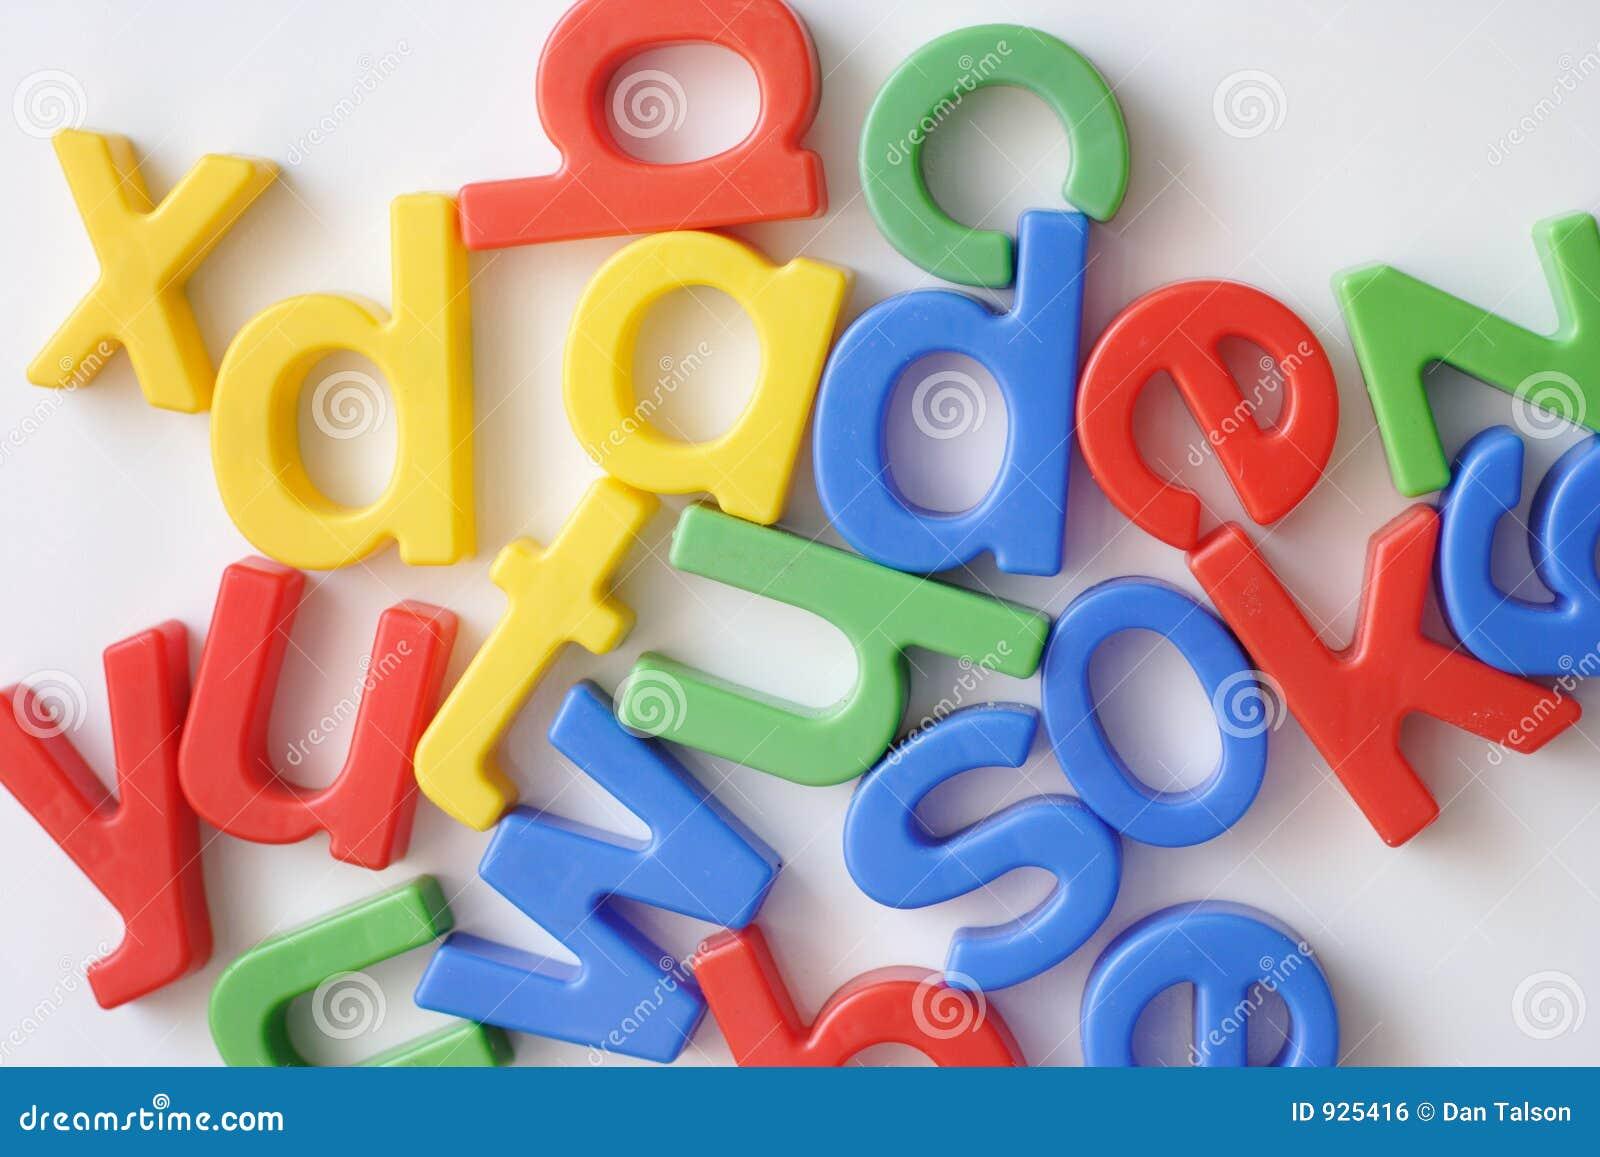 Segni i magneti con lettere del frigorifero